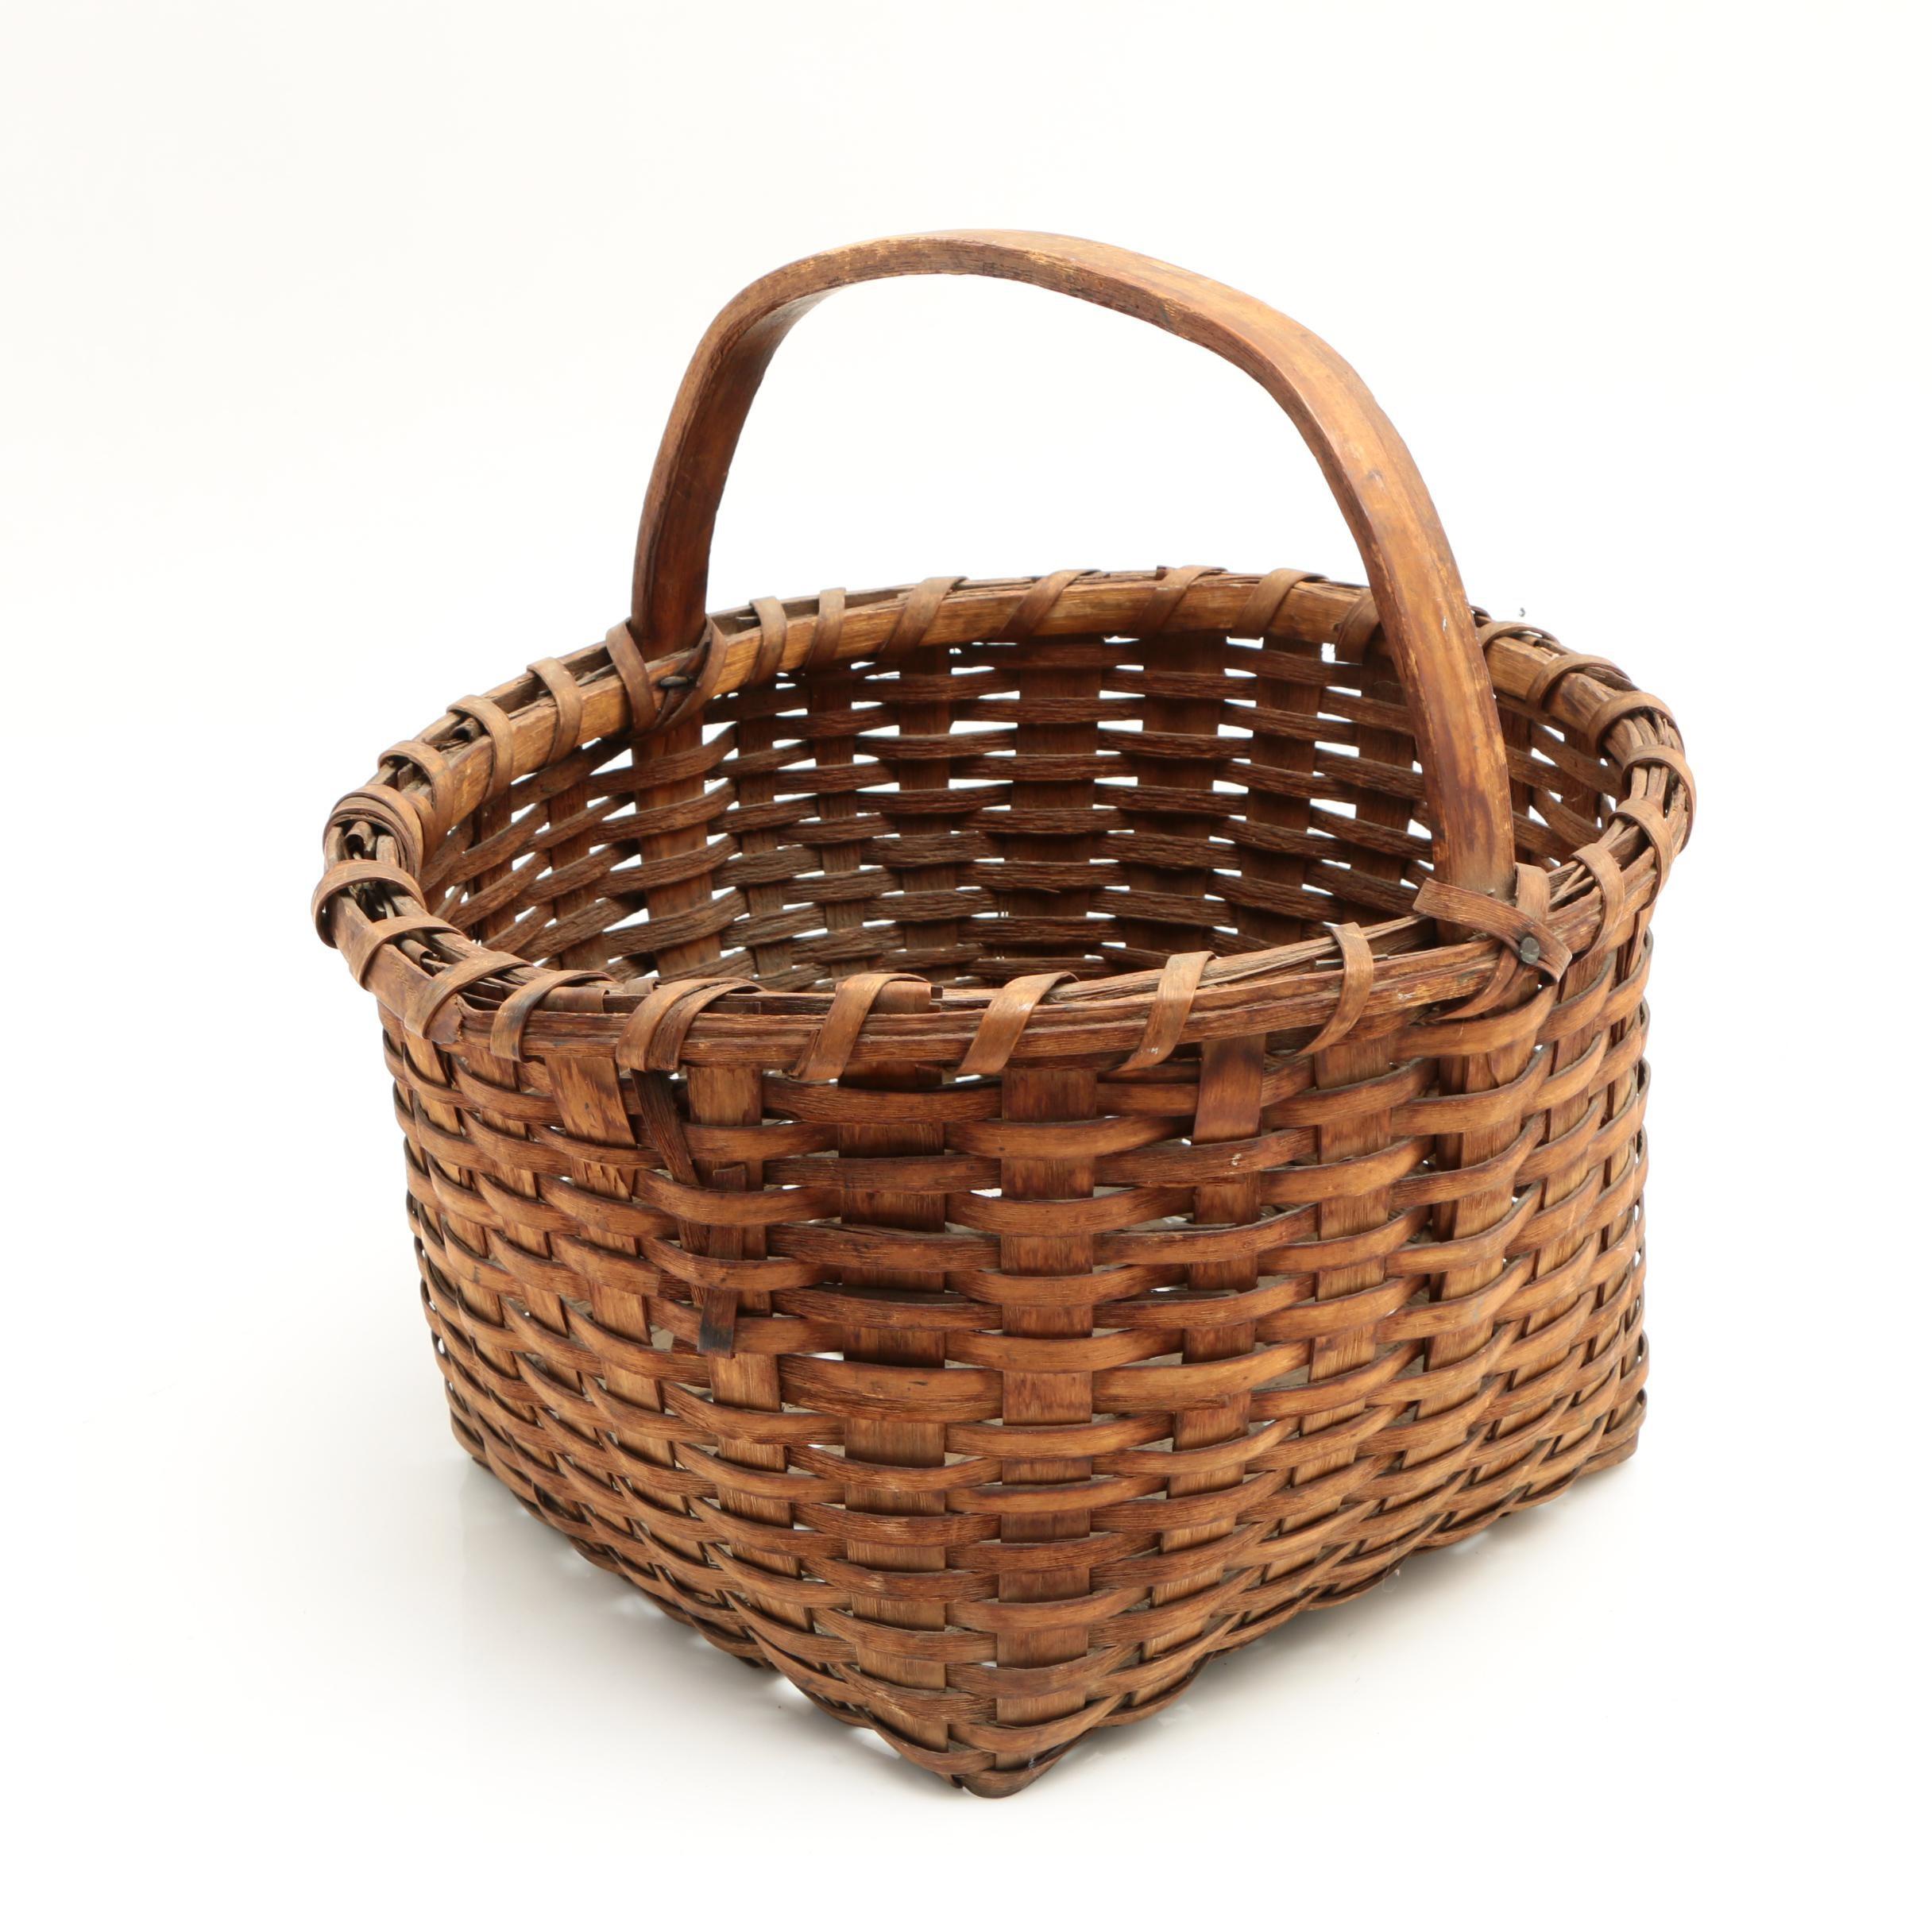 Splint Woven Handled Basket, Early 20th Century